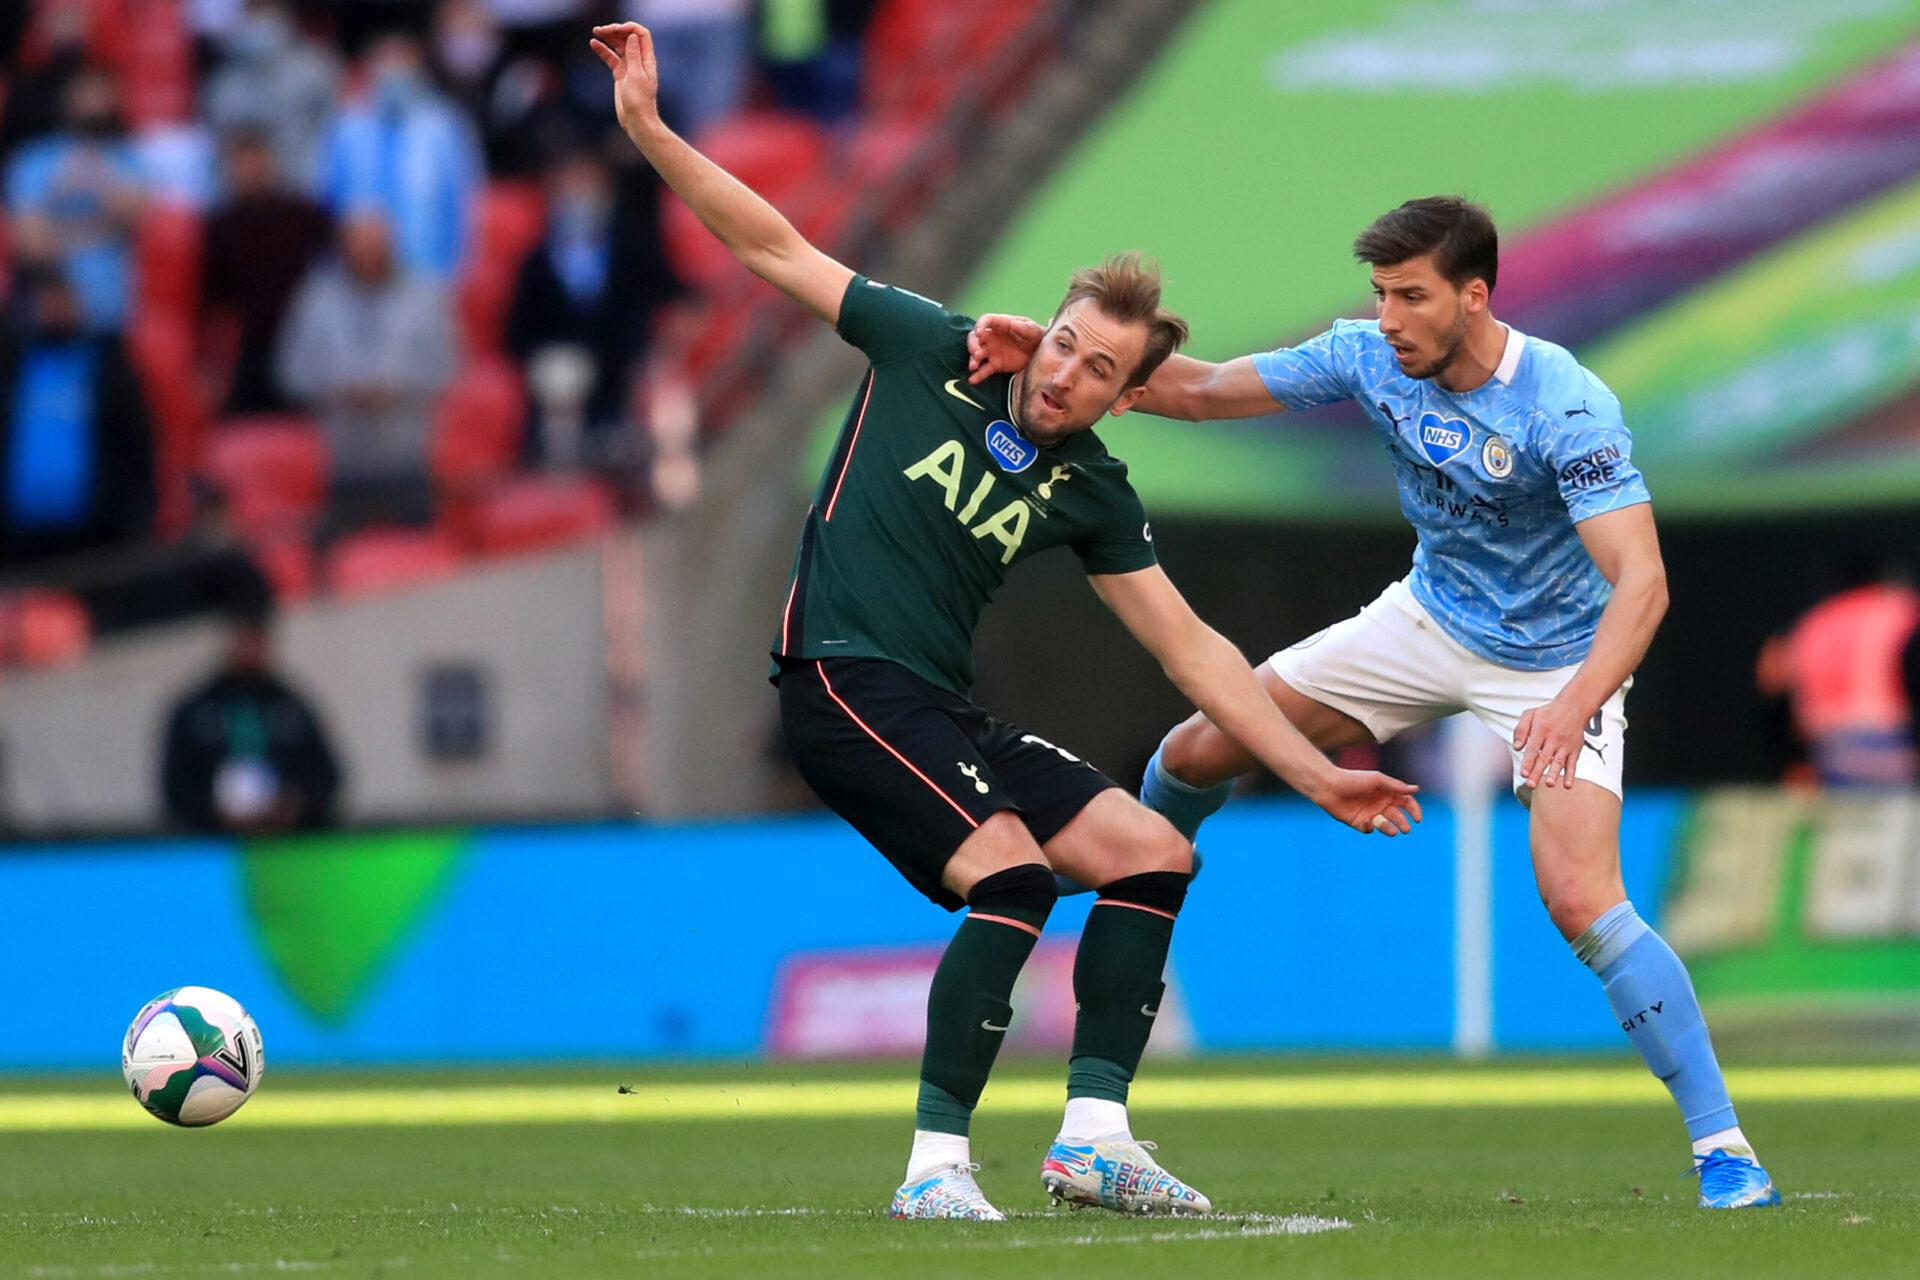 Harry Kane et Ruben Dias pourraient rapidement le même maillot, celui de Manchester City. Icon Sport